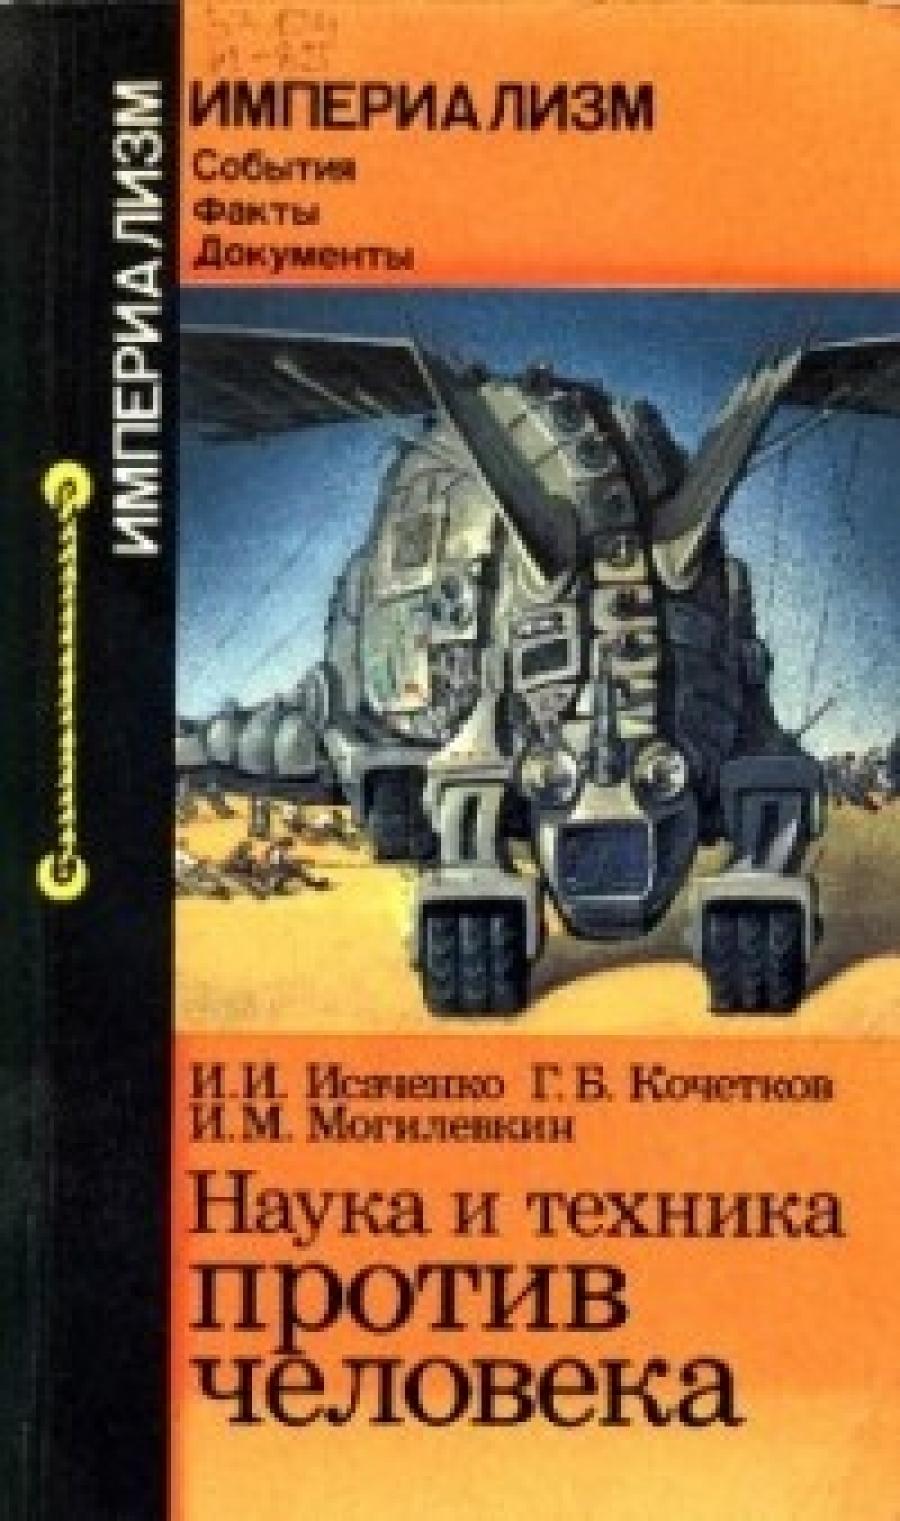 Обложка книги:  исаченко и.и. и др. - наука и техника против человека